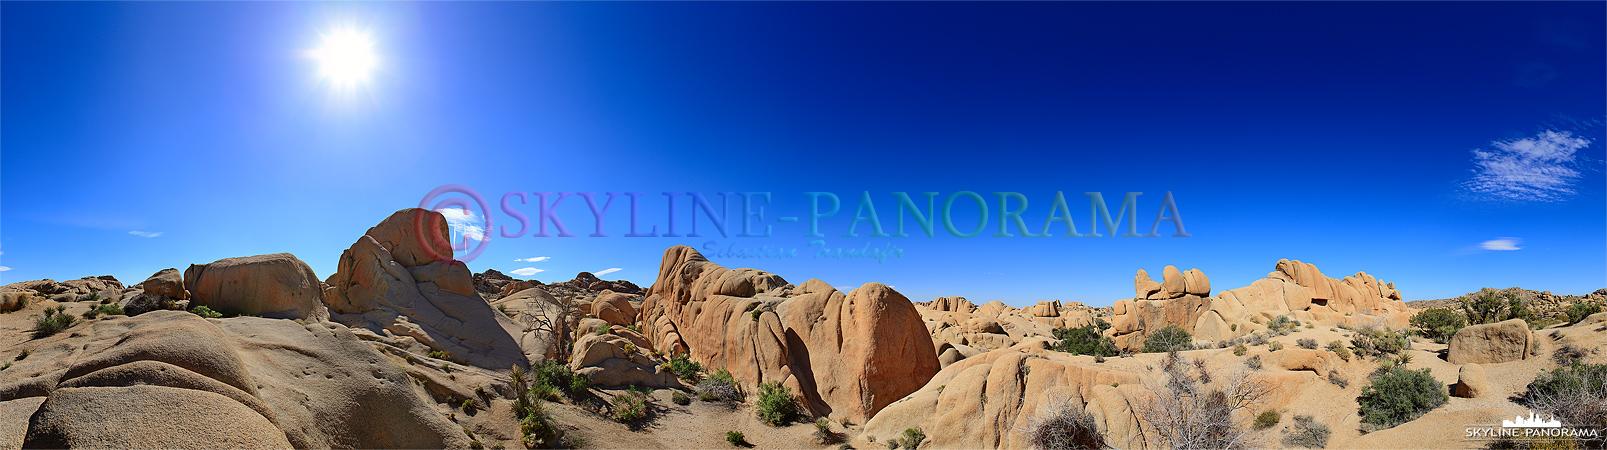 Die rund geschliffenen Granitfelsen und die Wüstenvegetation locken jährlich 1,9 Millionen Besucher in den 230km östlich von Los Angeles gelegenen Park.